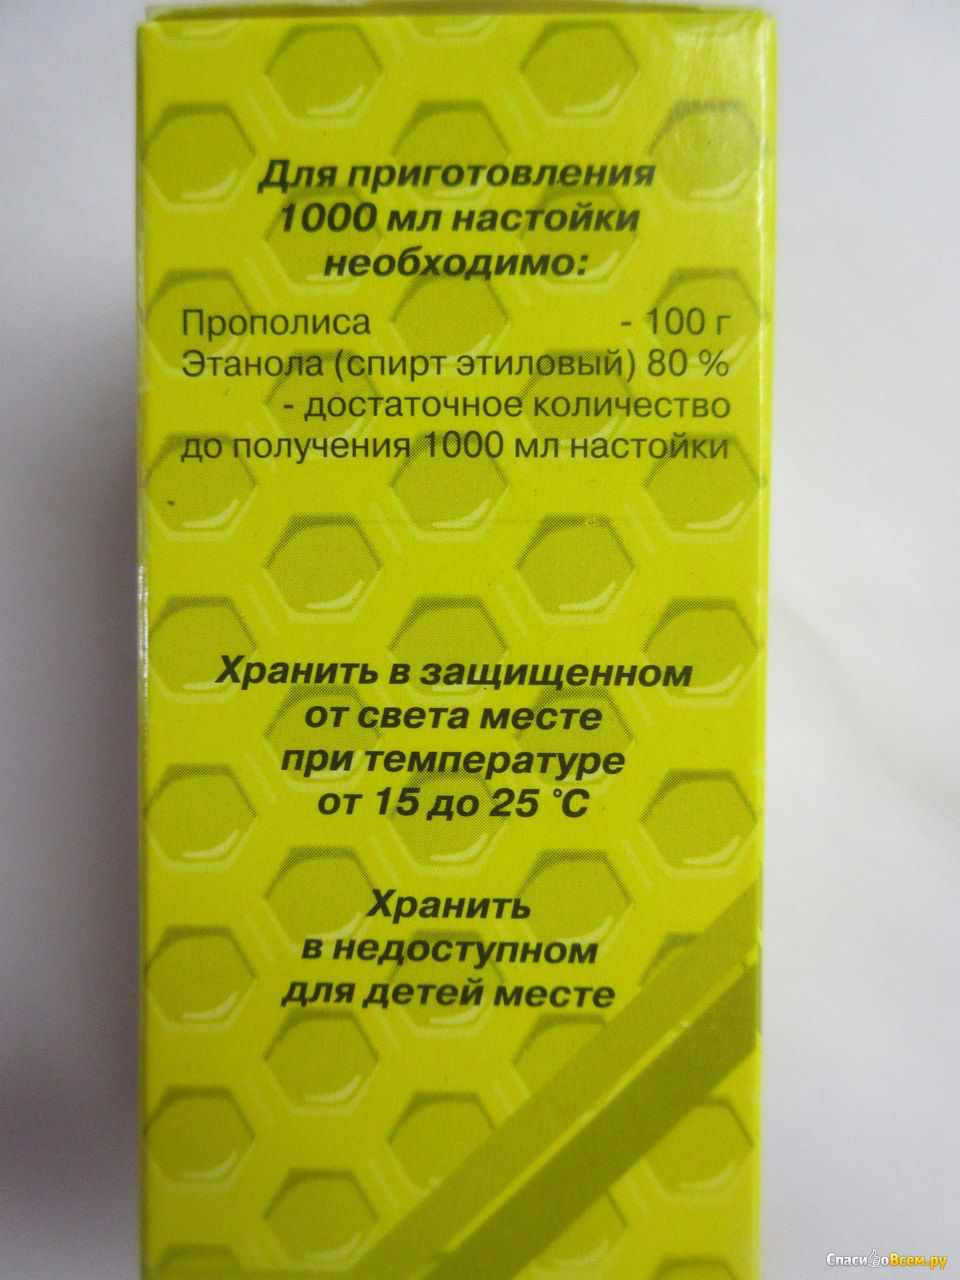 Рецепт настойки прополиса для ангины